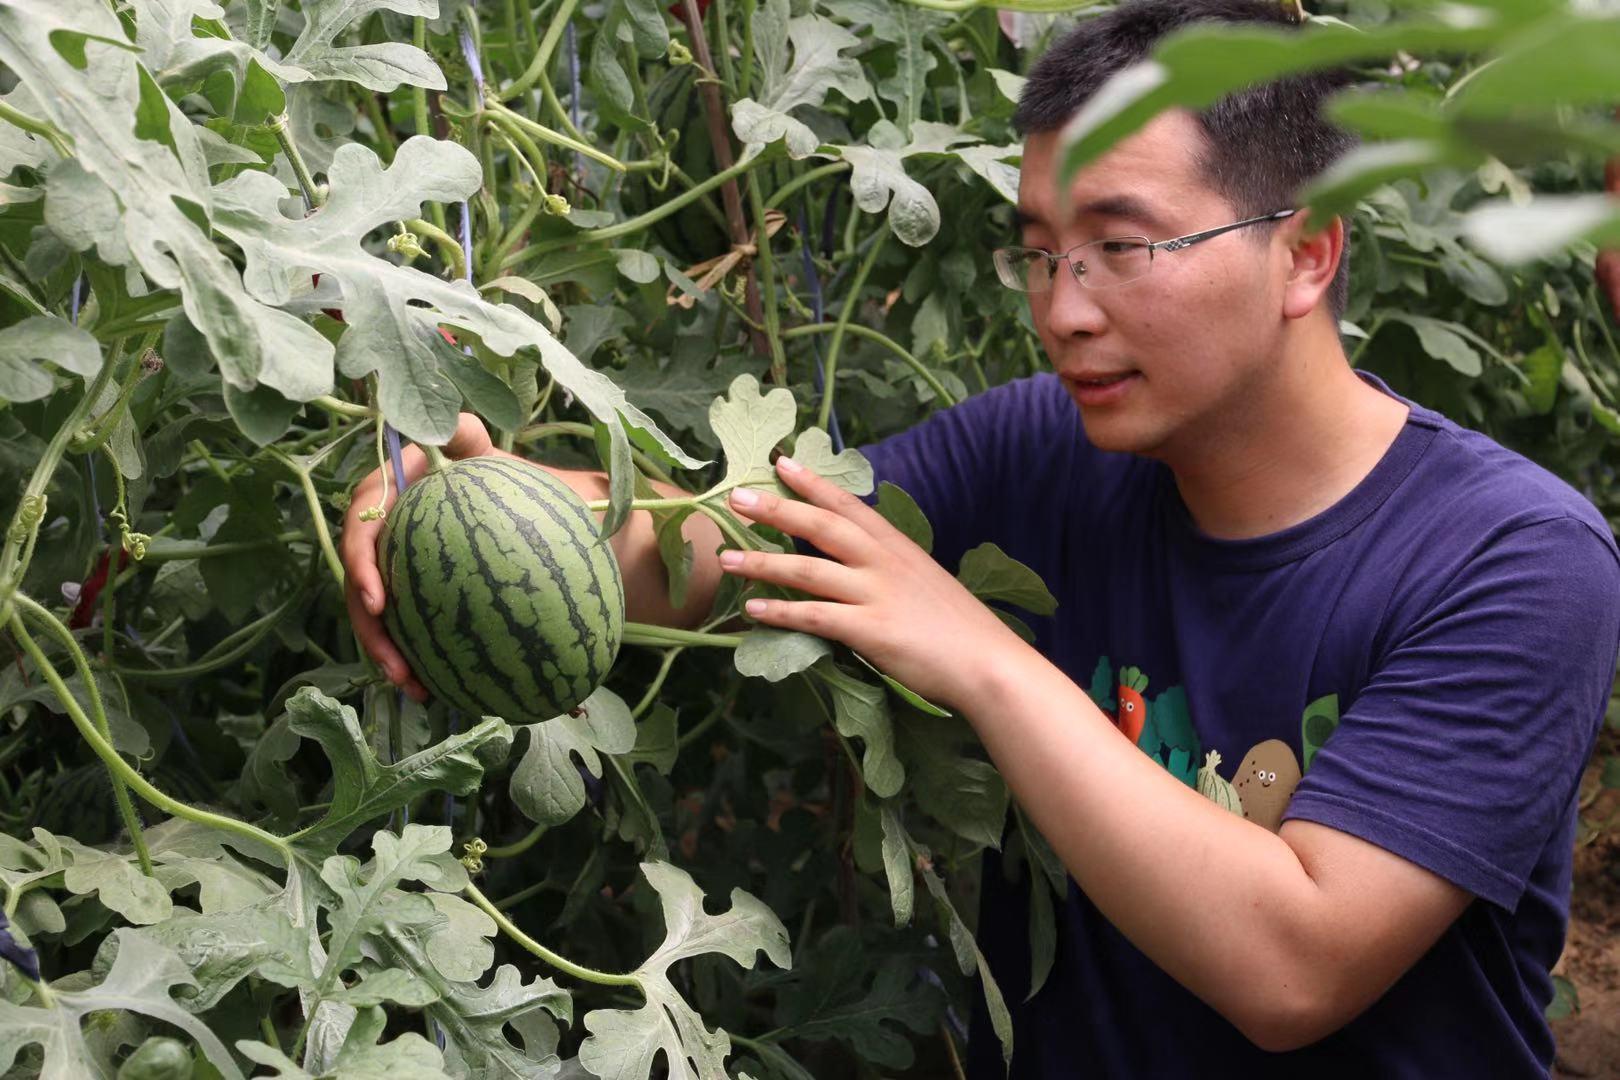 爱农业、懂科技、会管理 北京首次定义新时代农民企业家图片